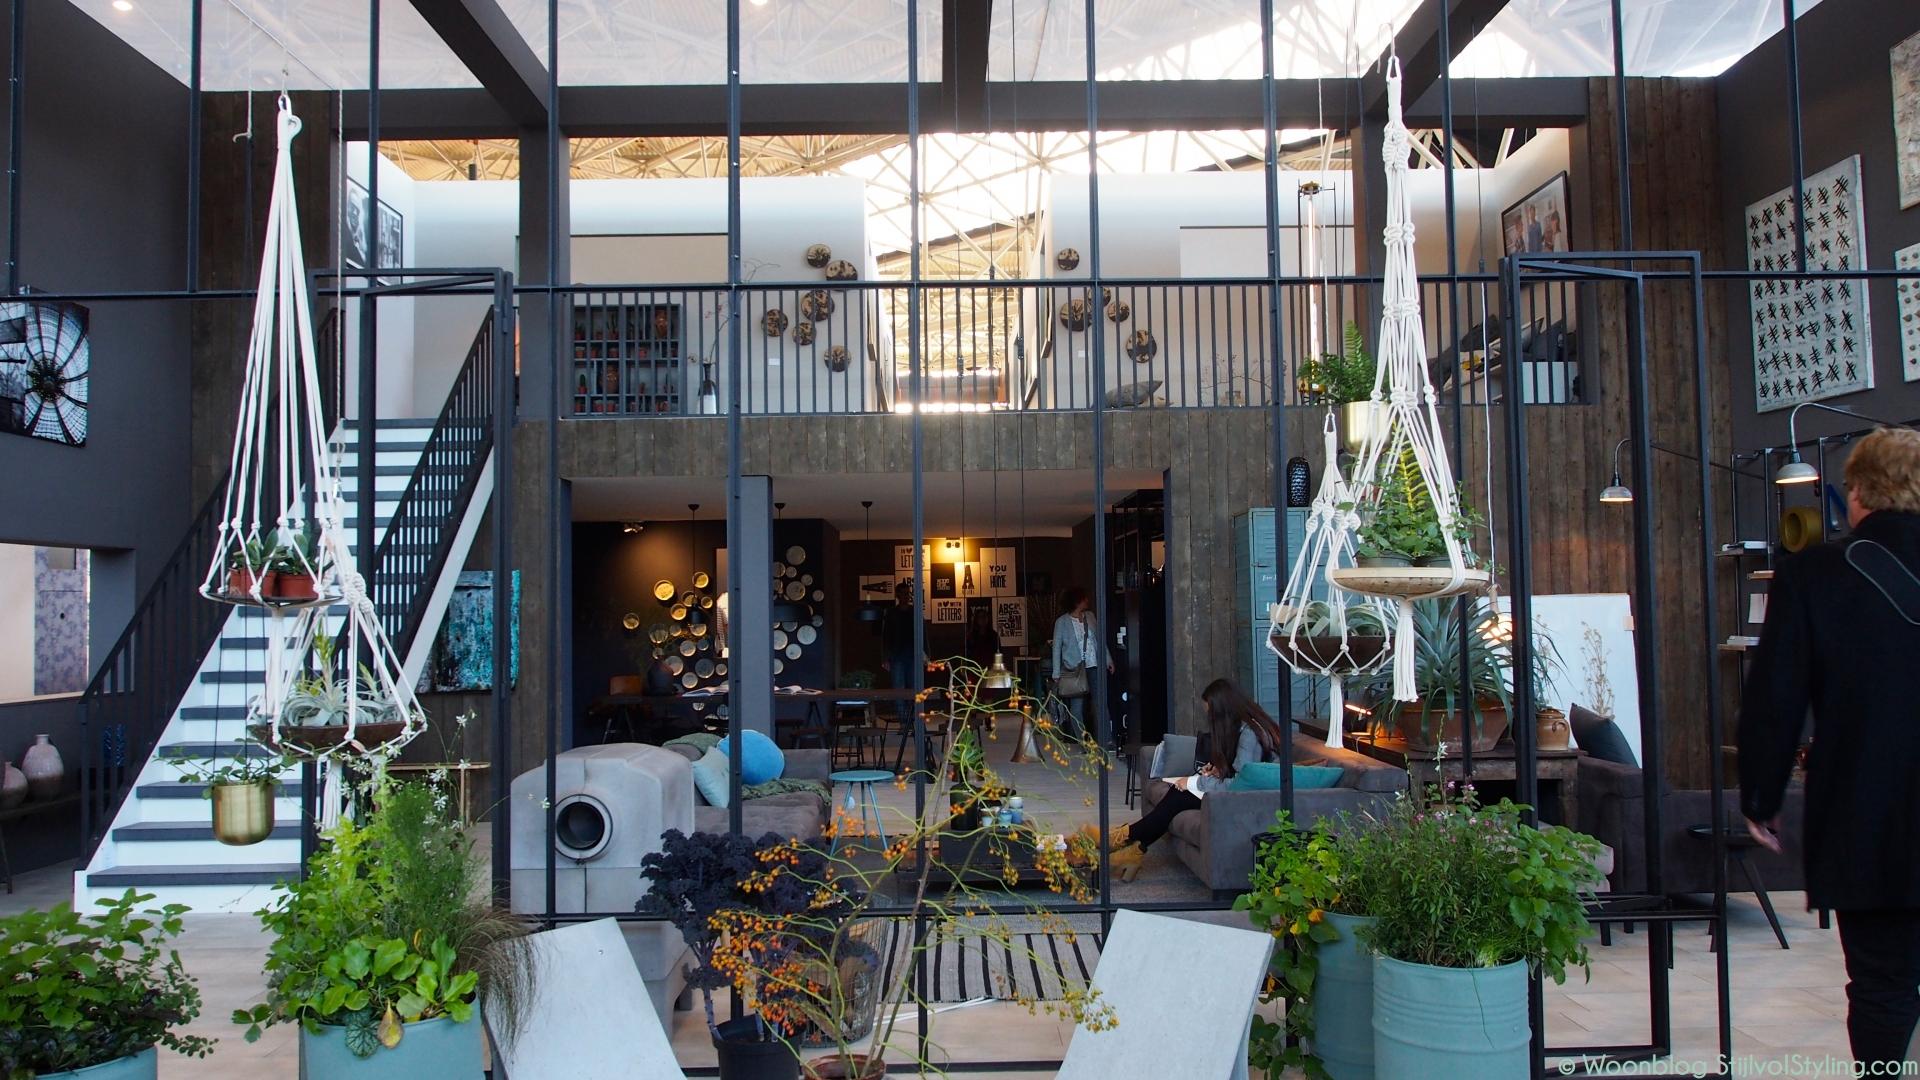 Interieur het 39 vtwonen huis 39 vol wooninspiratie for Interieur styling